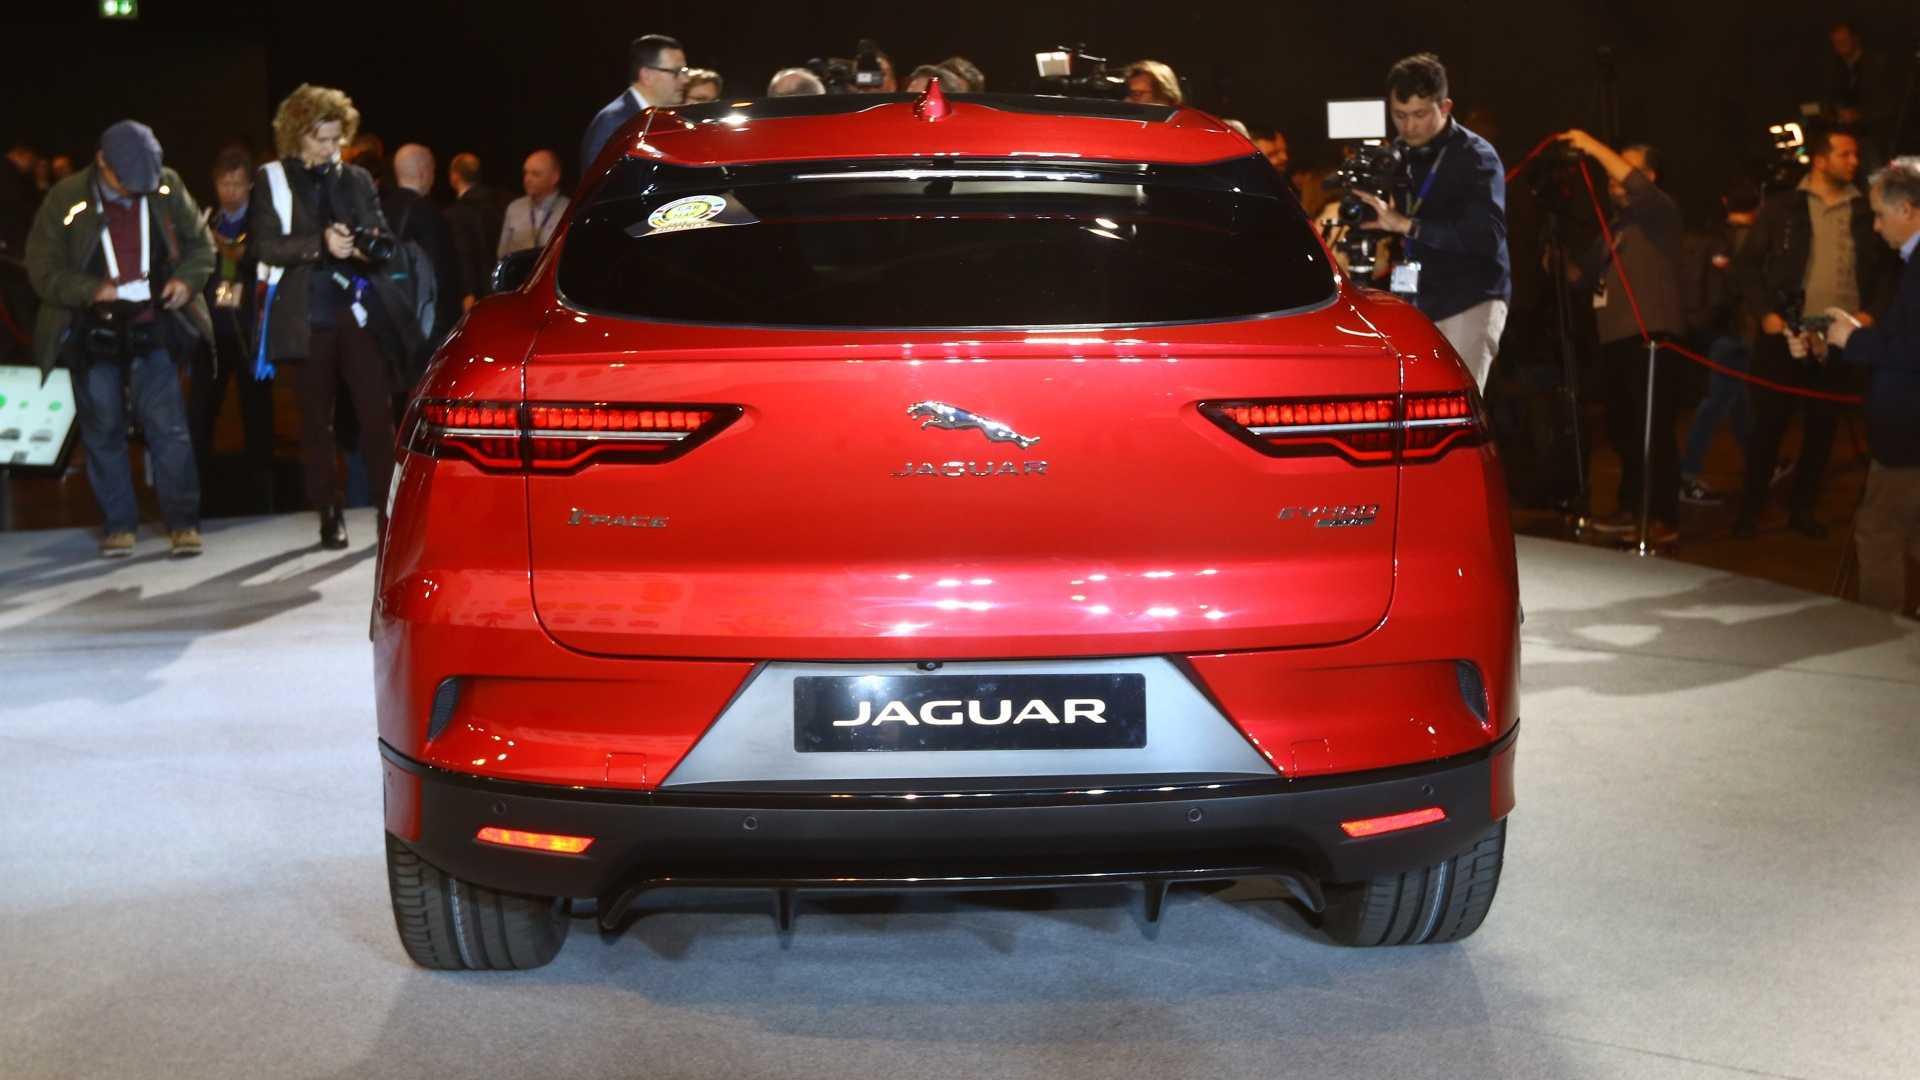 جگوار آی- پیس الکتریکی خودروی سال اروپا - 6